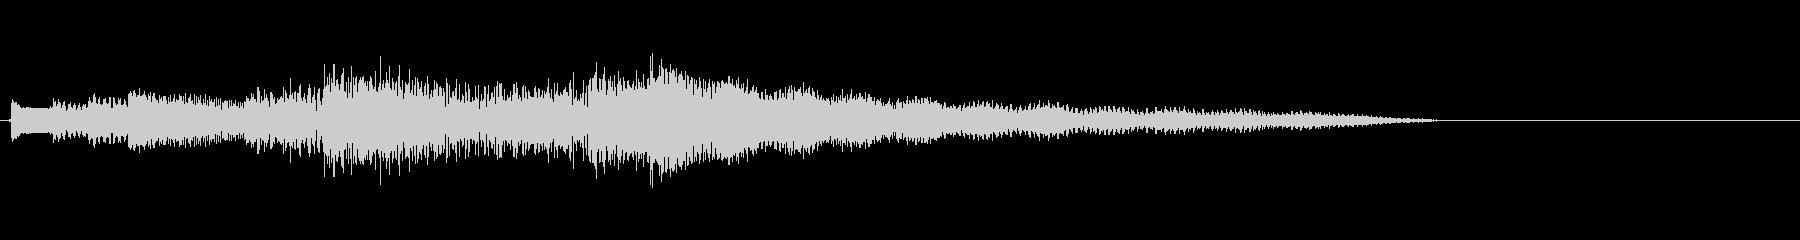 穏やかな音色のギターによる場面転換音の未再生の波形